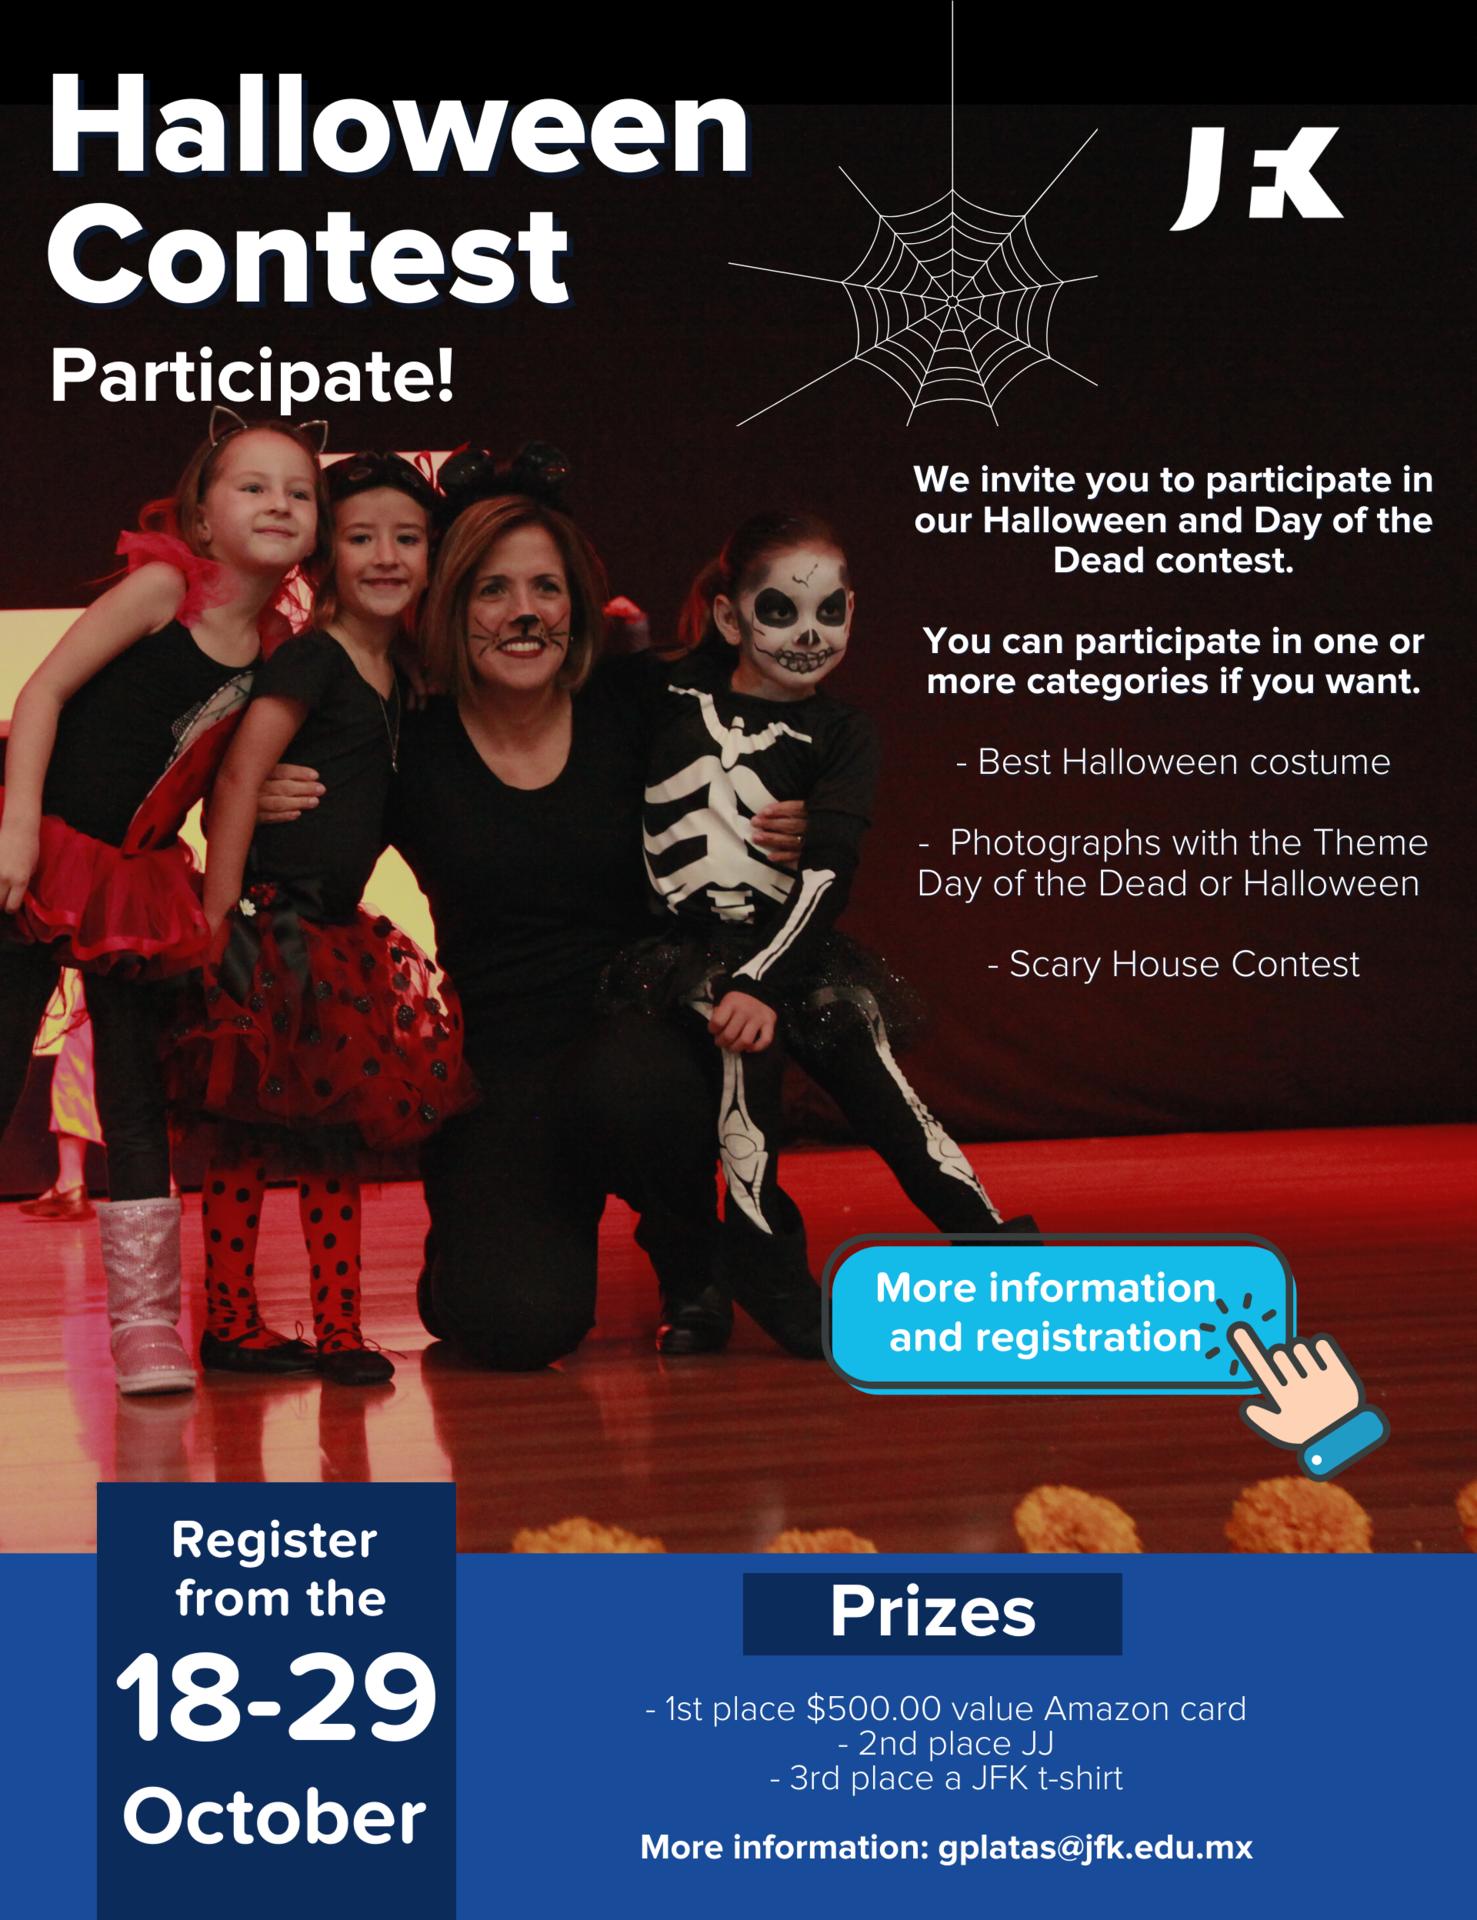 H contest